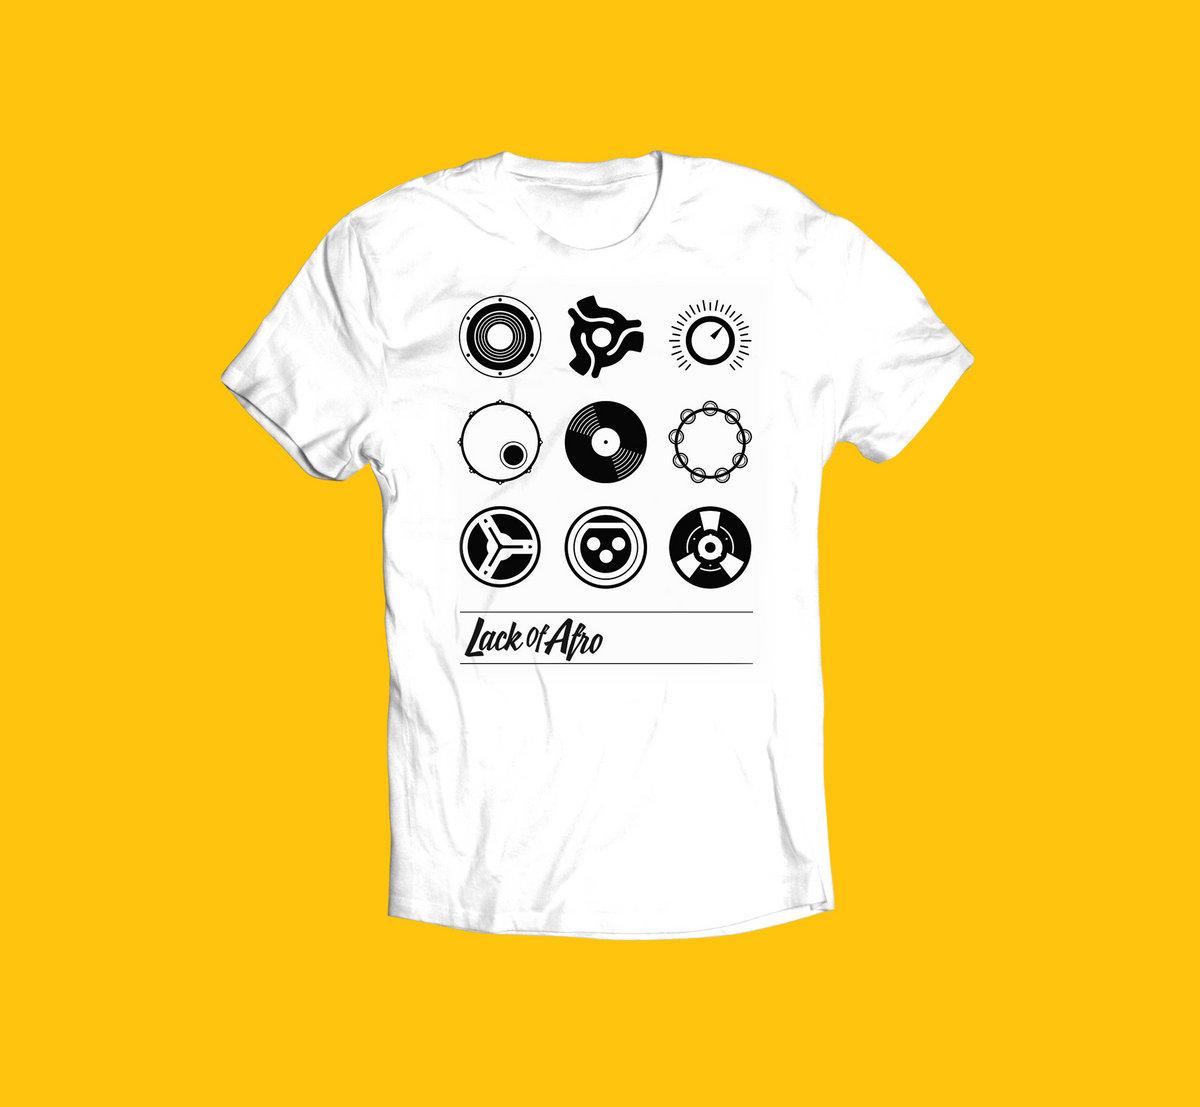 c506d5bc938 Lack of Afro  Symbols  Black on White T-shirt main photo